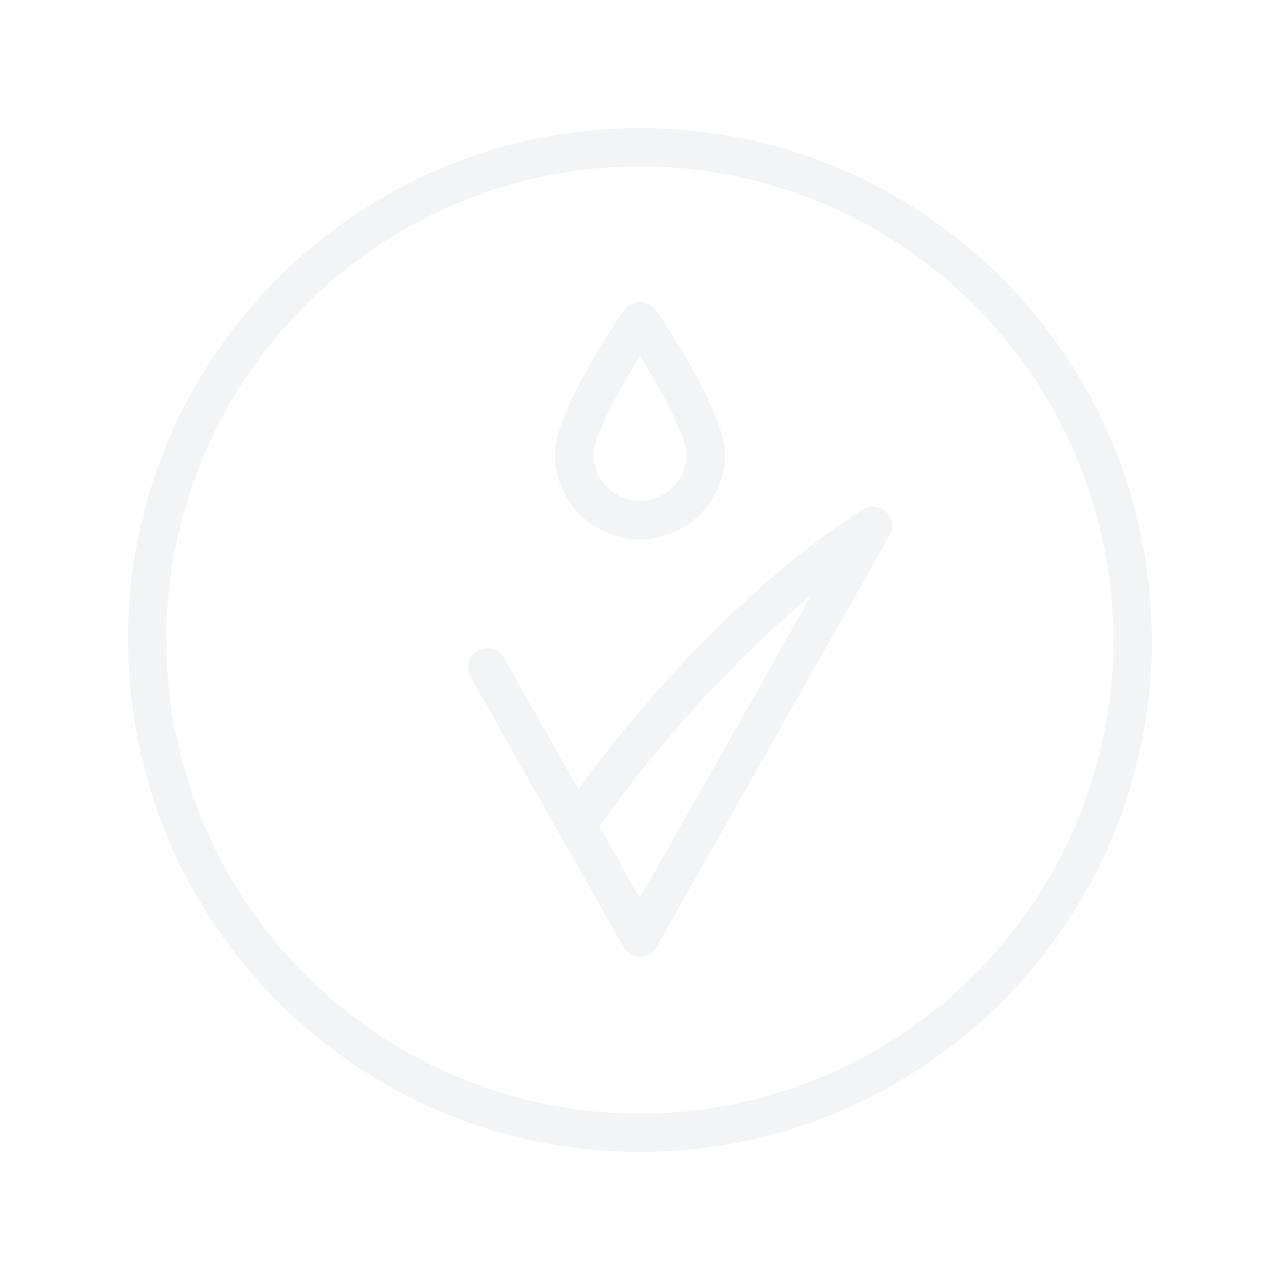 CALVIN KLEIN CK All EDT 100ml